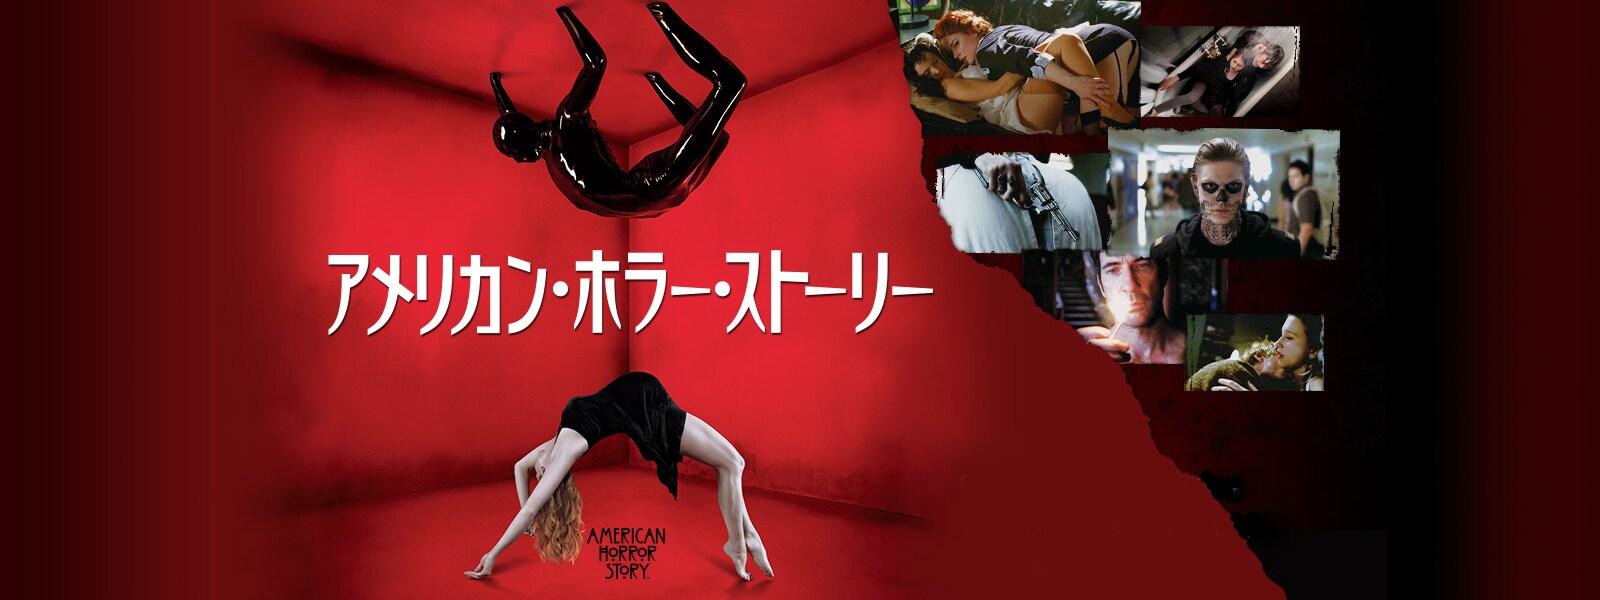 アメリカン・ホラー・ストーリー(シーズン1)|American Horror Story: Murder House Hero Object